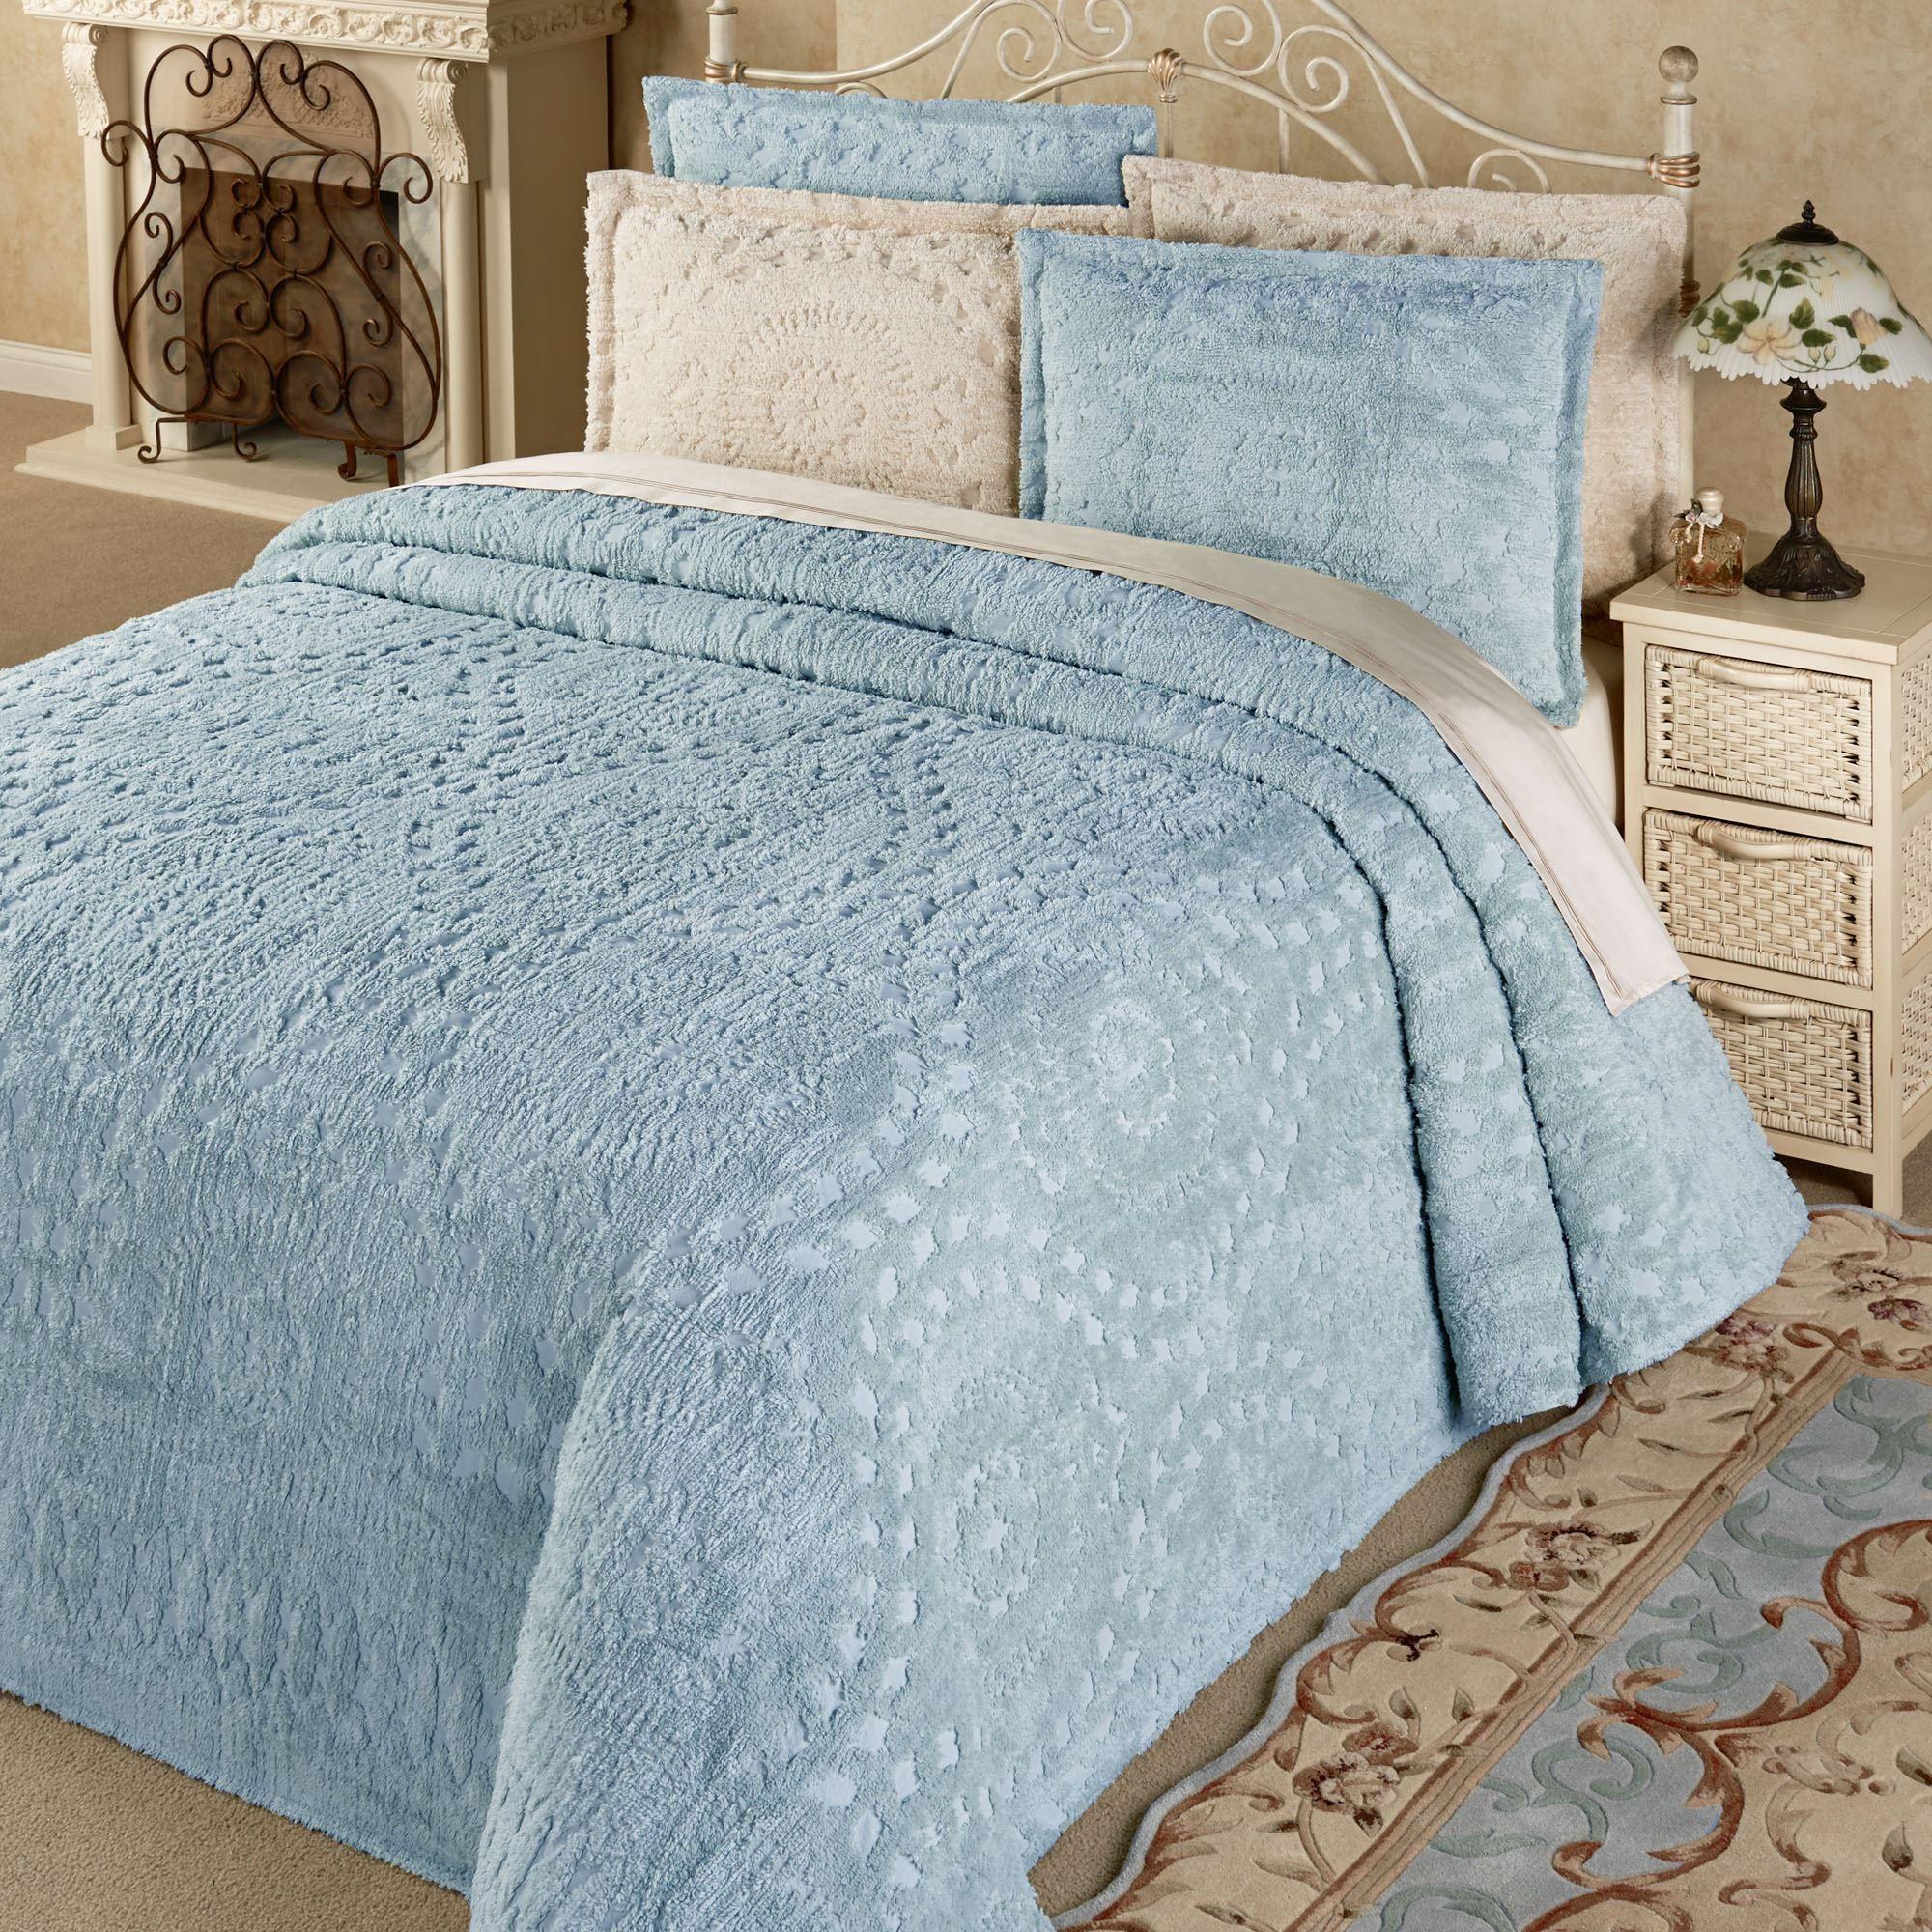 Rio Lightweight Cotton Chenille Bedspread Bedding